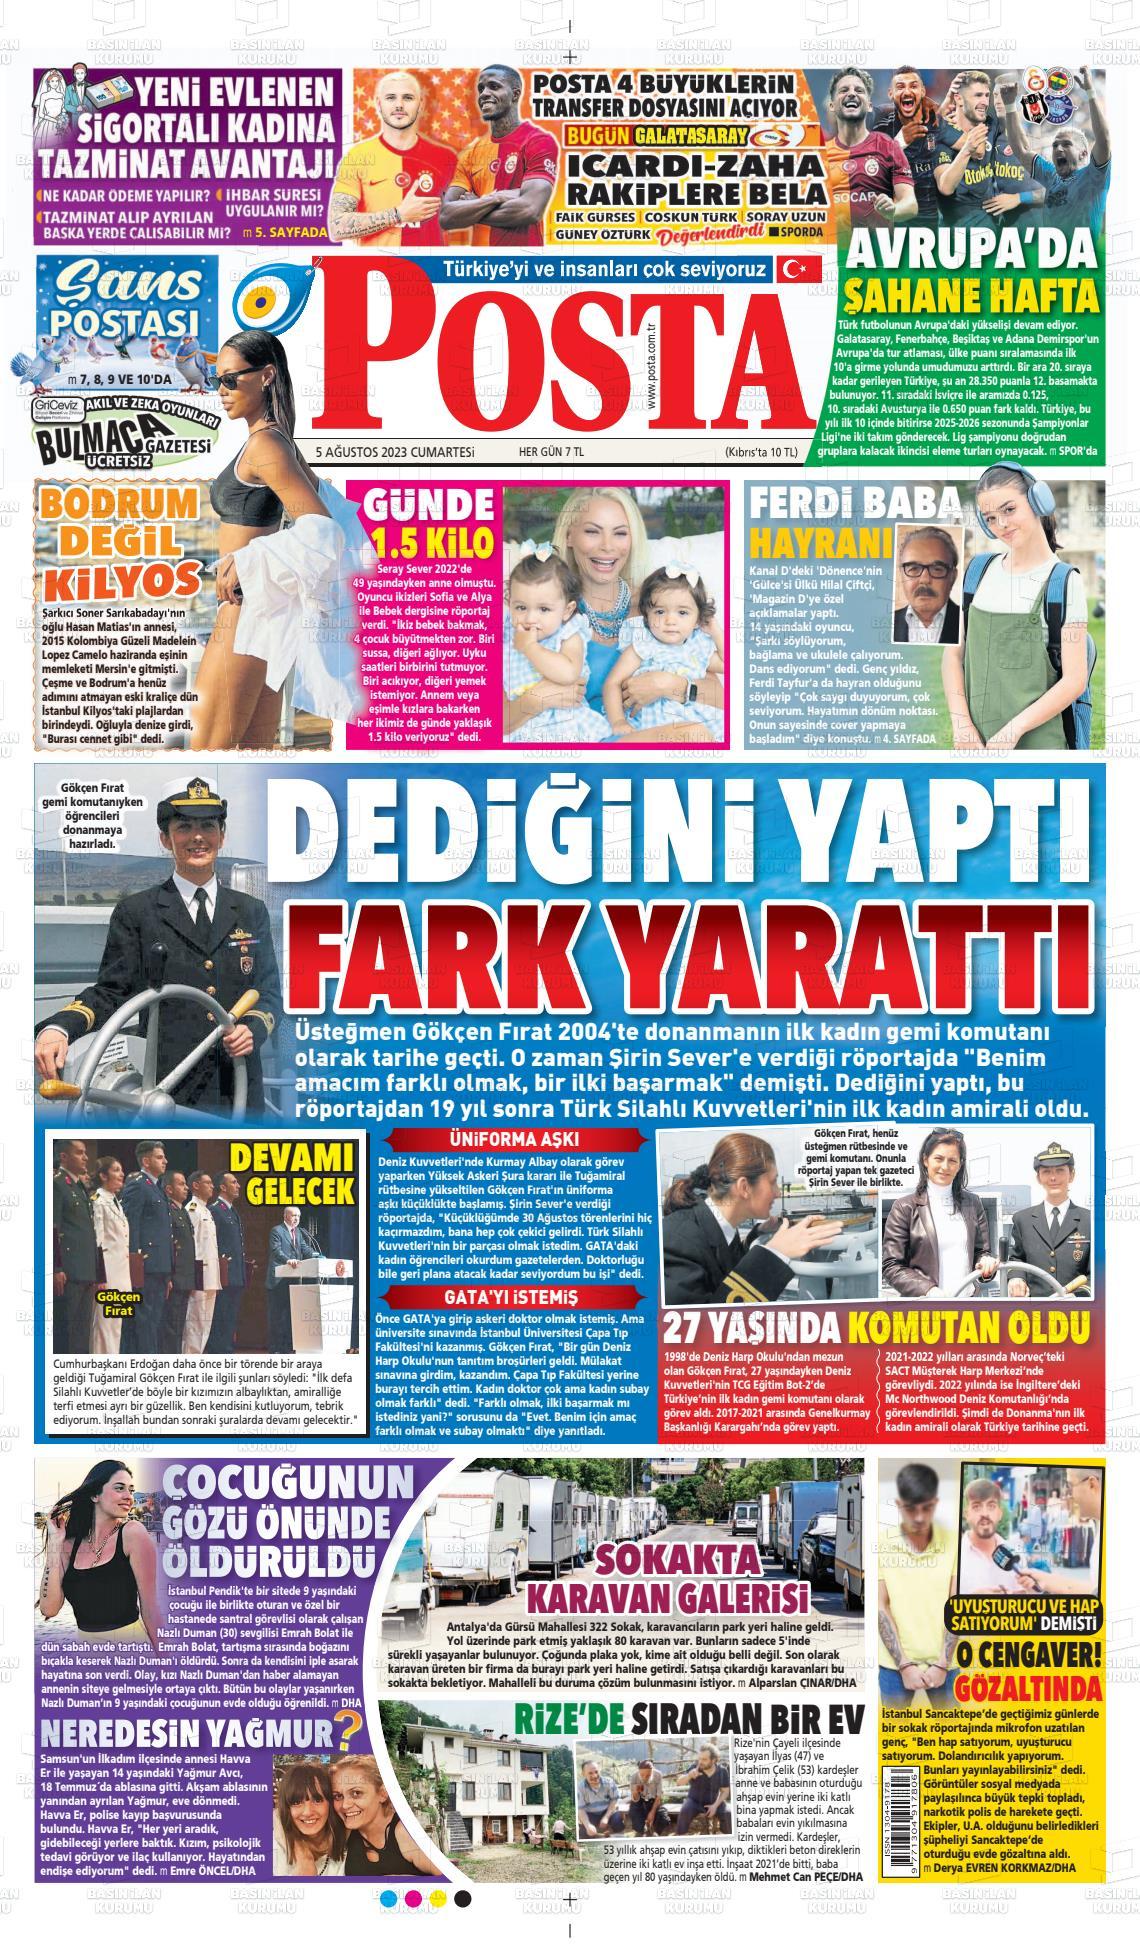 19 Eylül 2019, Perşembe posta Gazetesi